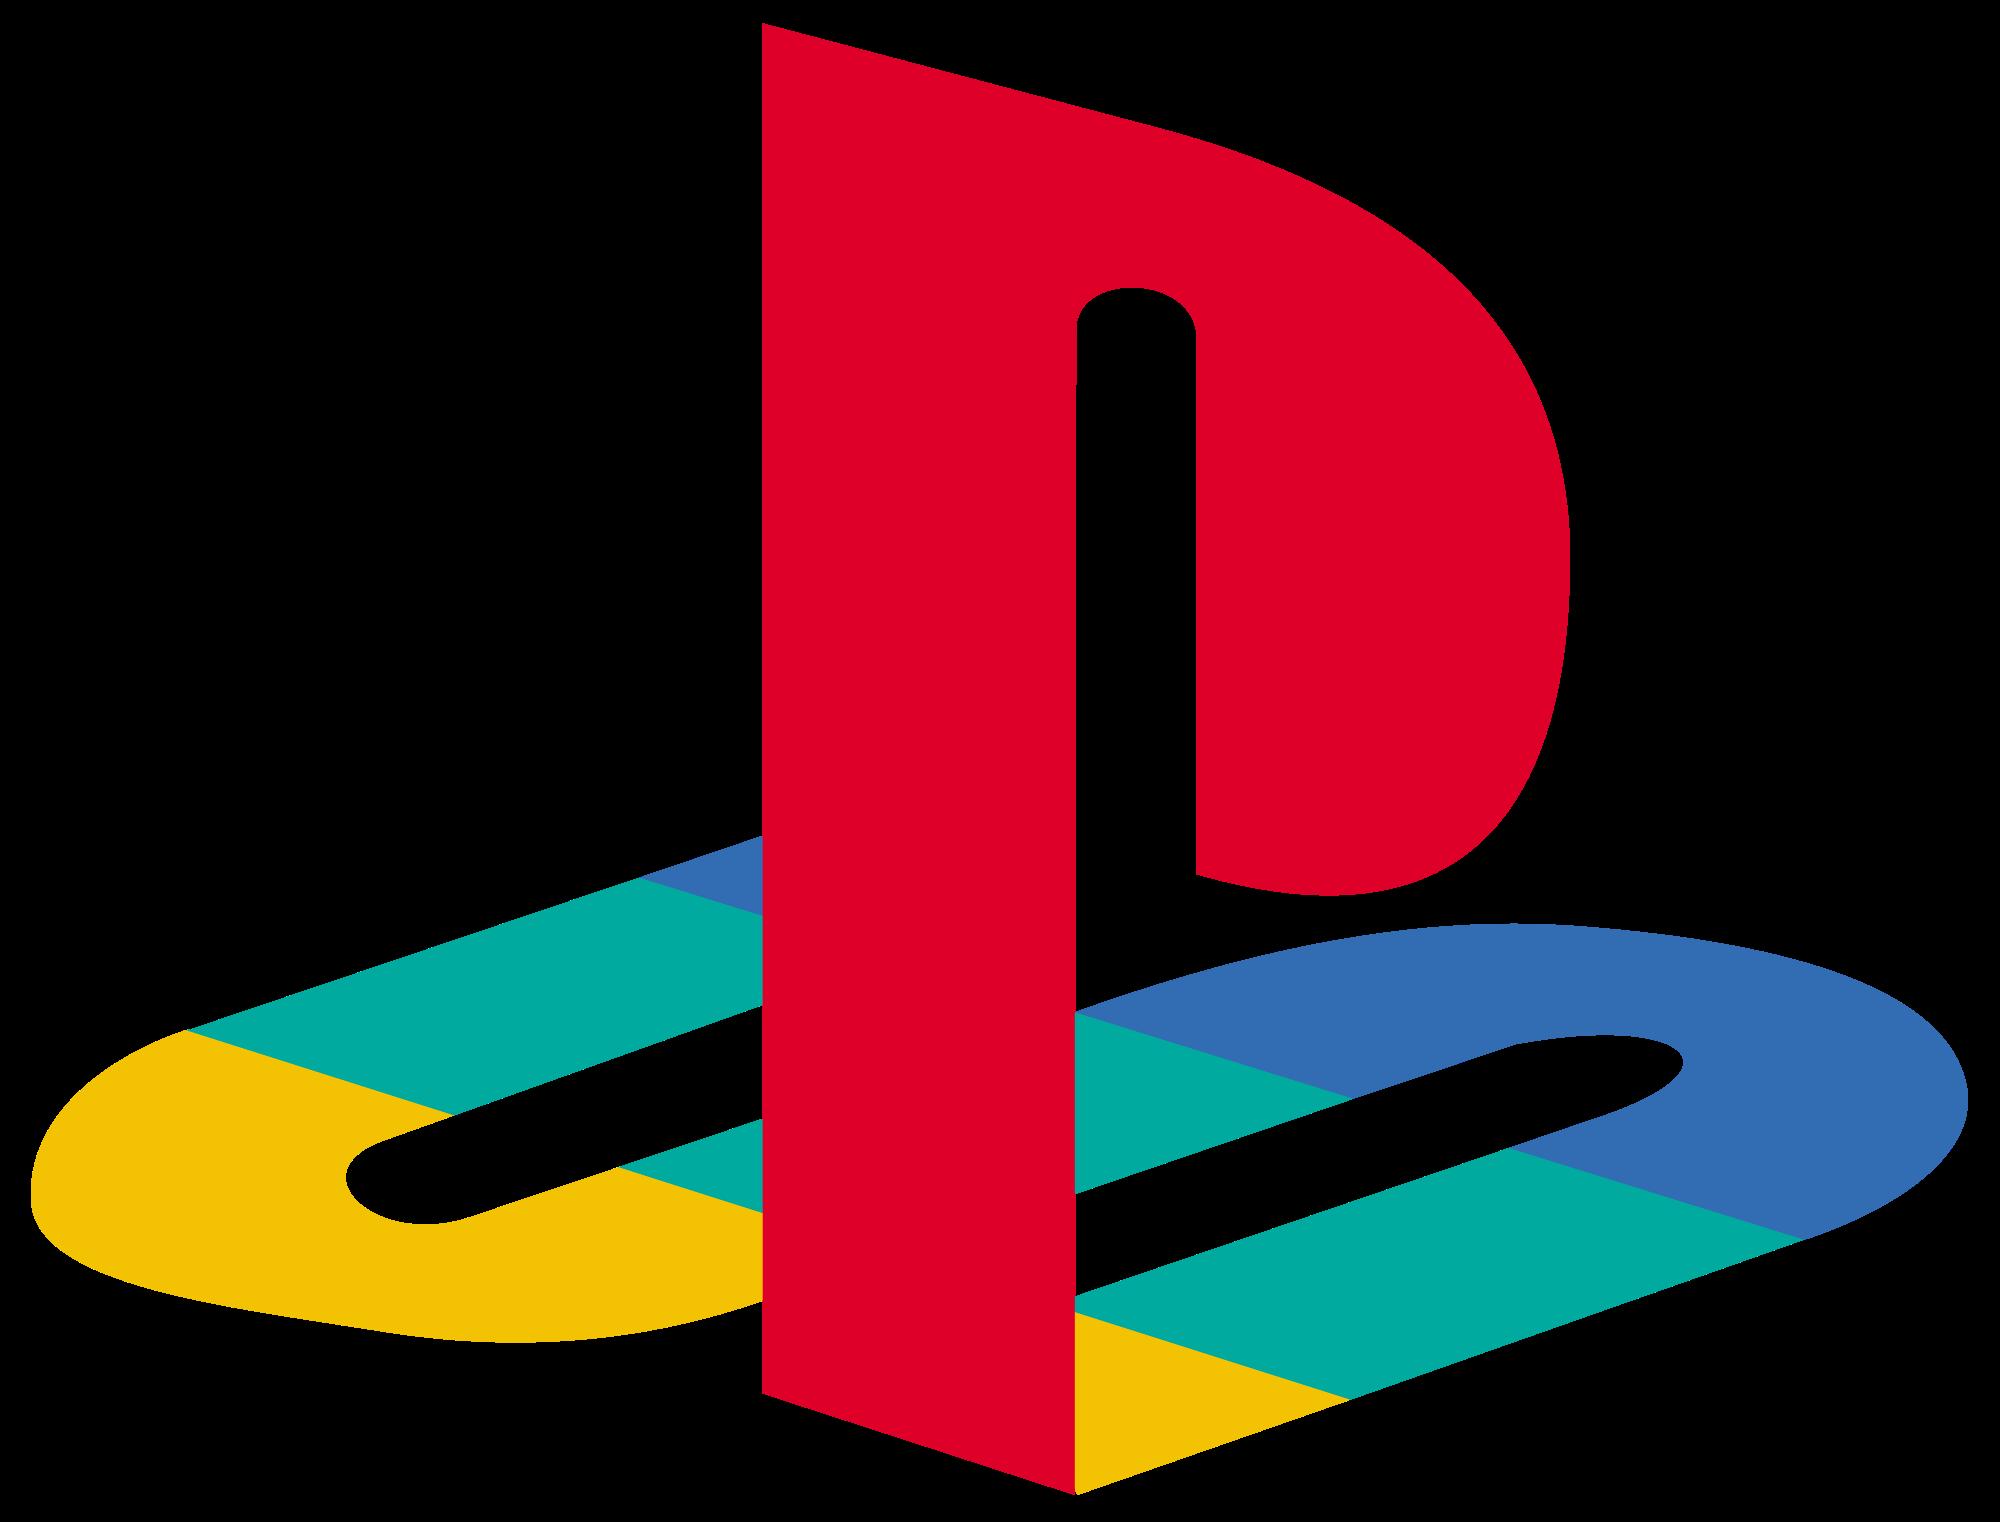 Playstation PNG - 8096